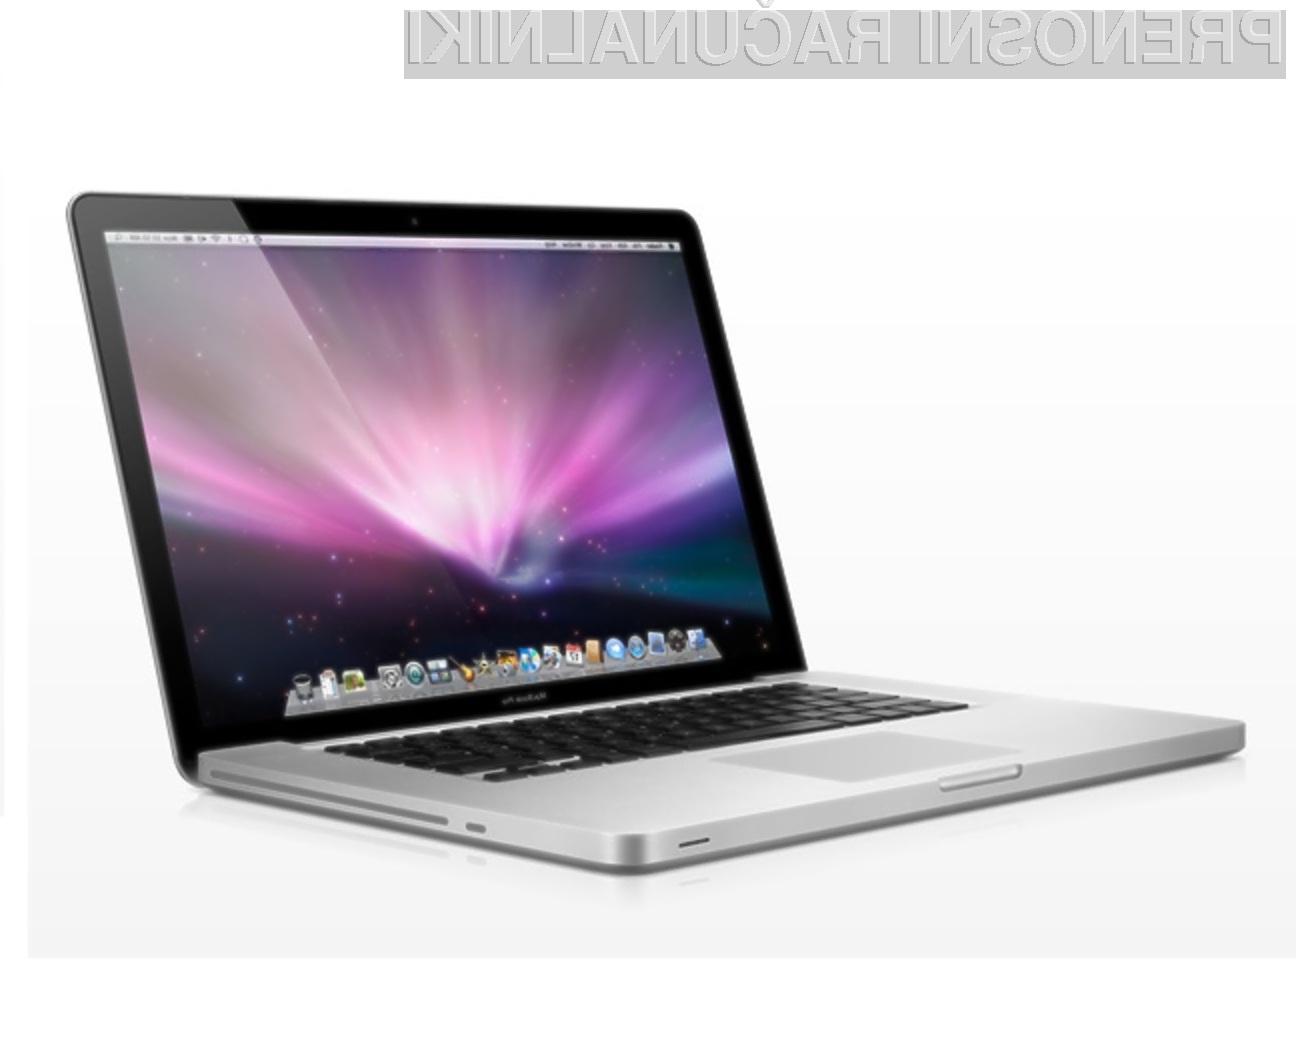 Uporaba Retina zaslonov bi znatno izboljšala uporabniško izkušnjo uporabnikov Applovih prenosnikov MacBook Pro.